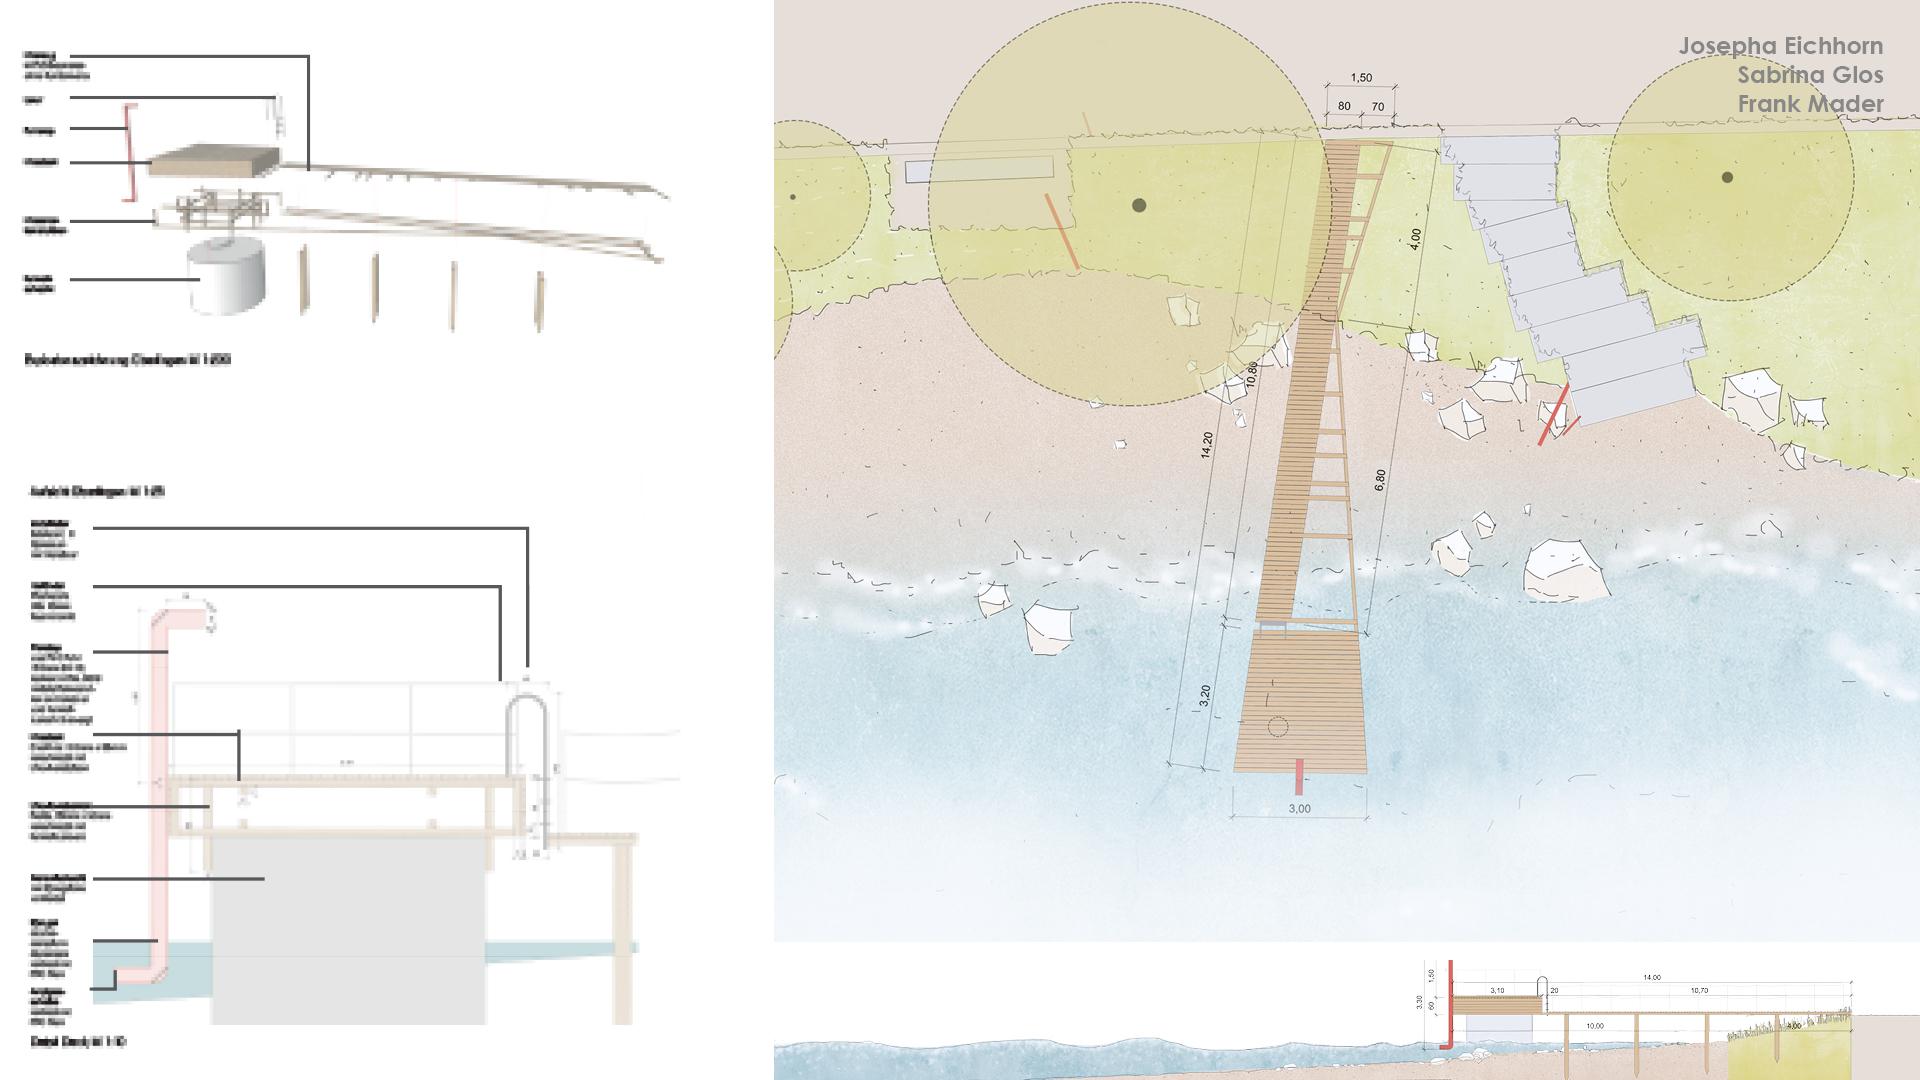 19 8 Workshop Intergrierte Planung Eichhorn, Glos, Mader 04